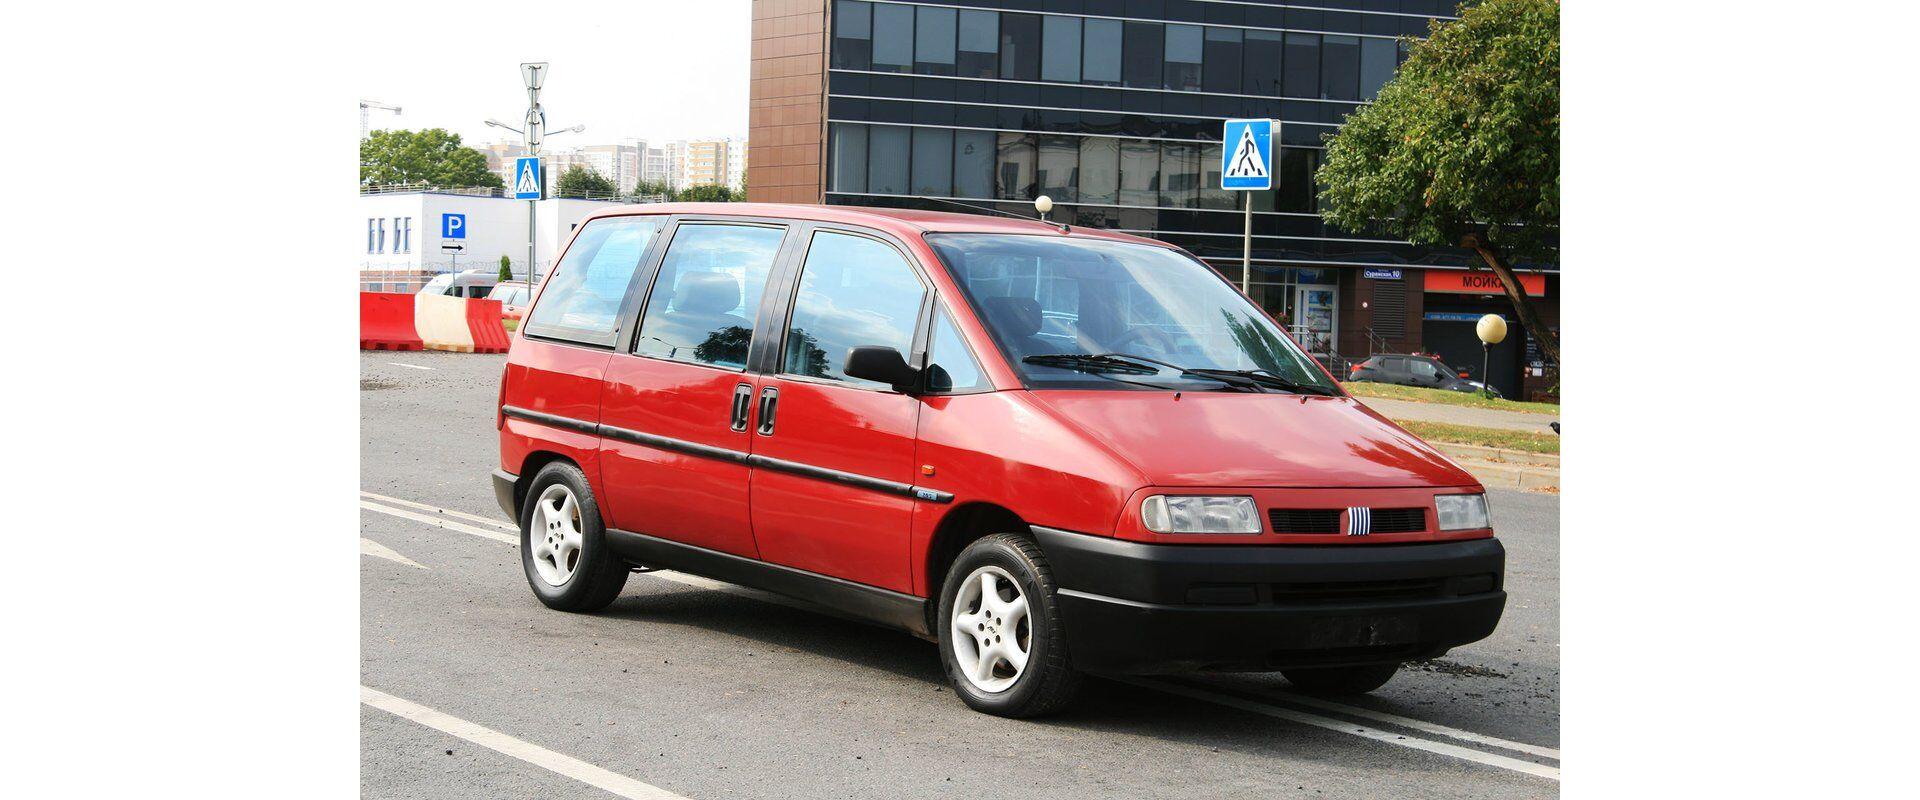 Fiat Ulysse (1995)